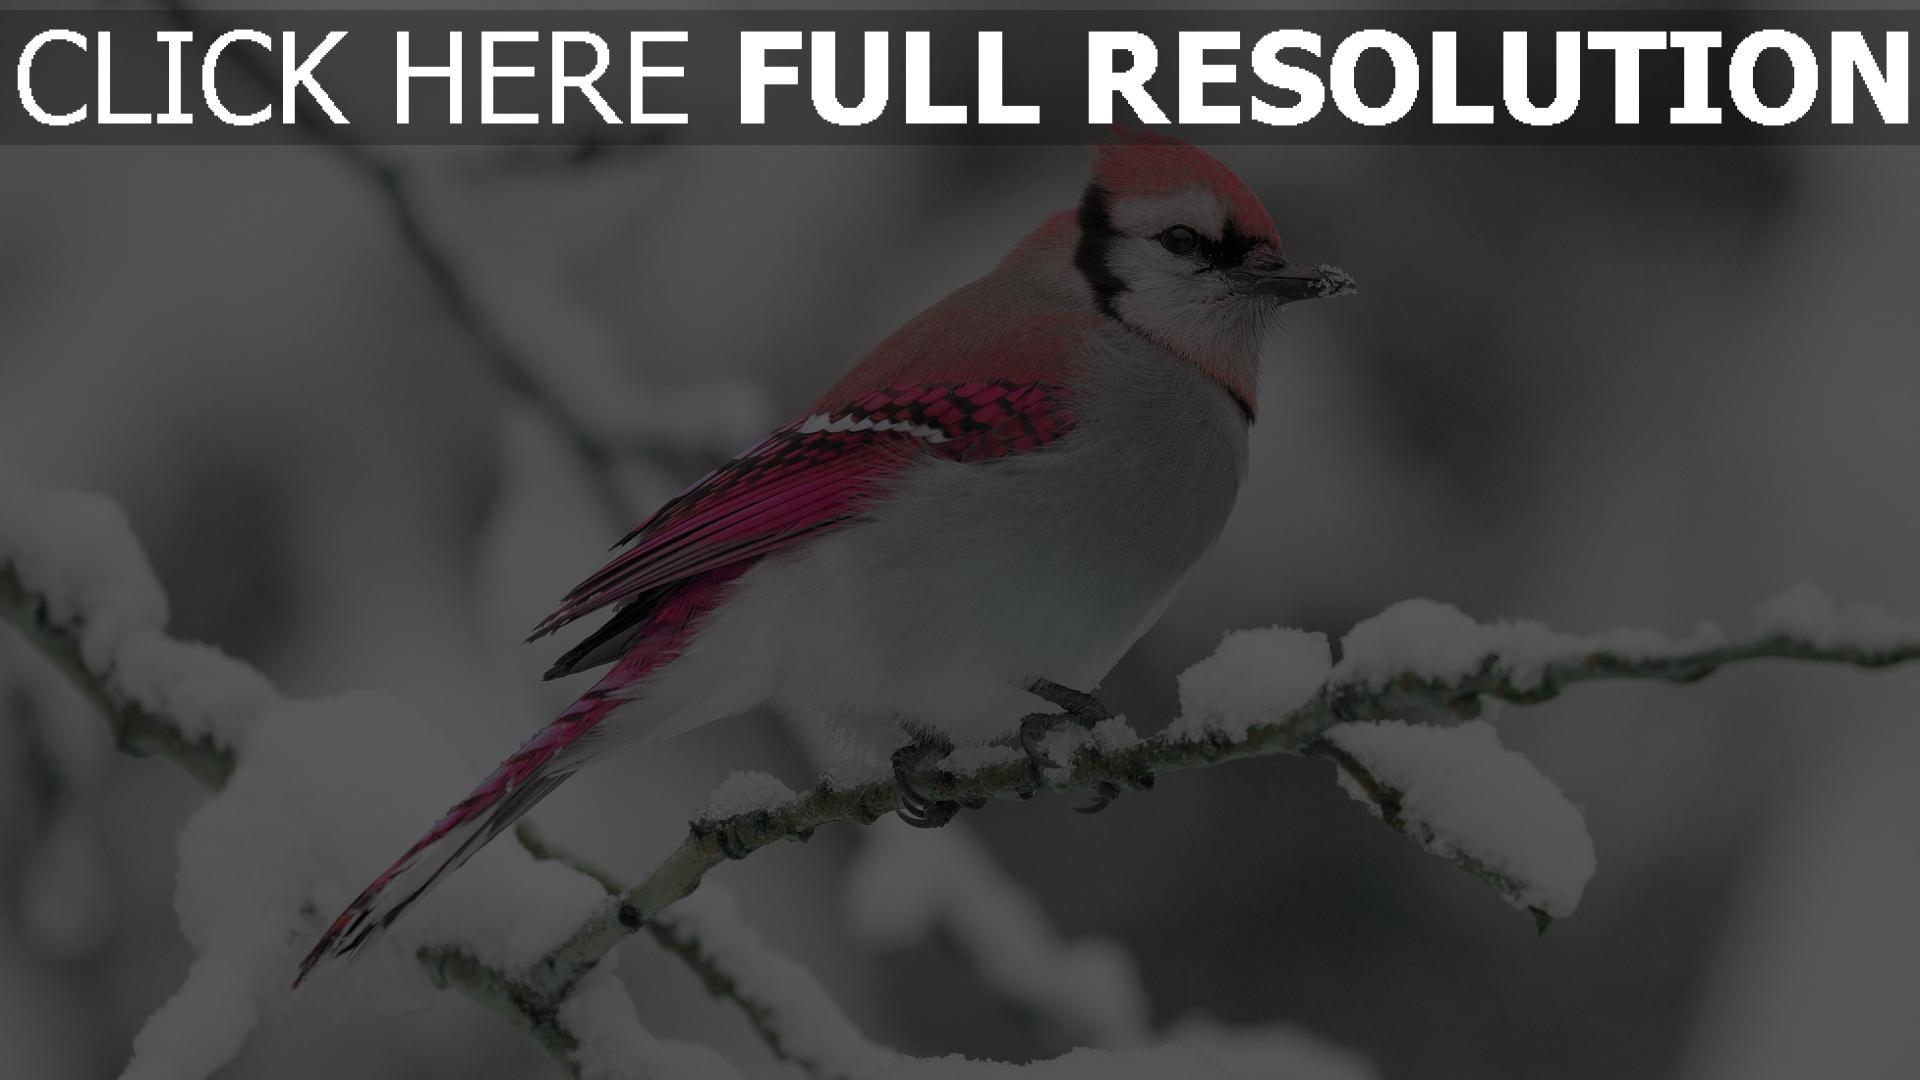 Fond D Ecran Hd Oiseau Rose Branche Enneige Images Et Photos